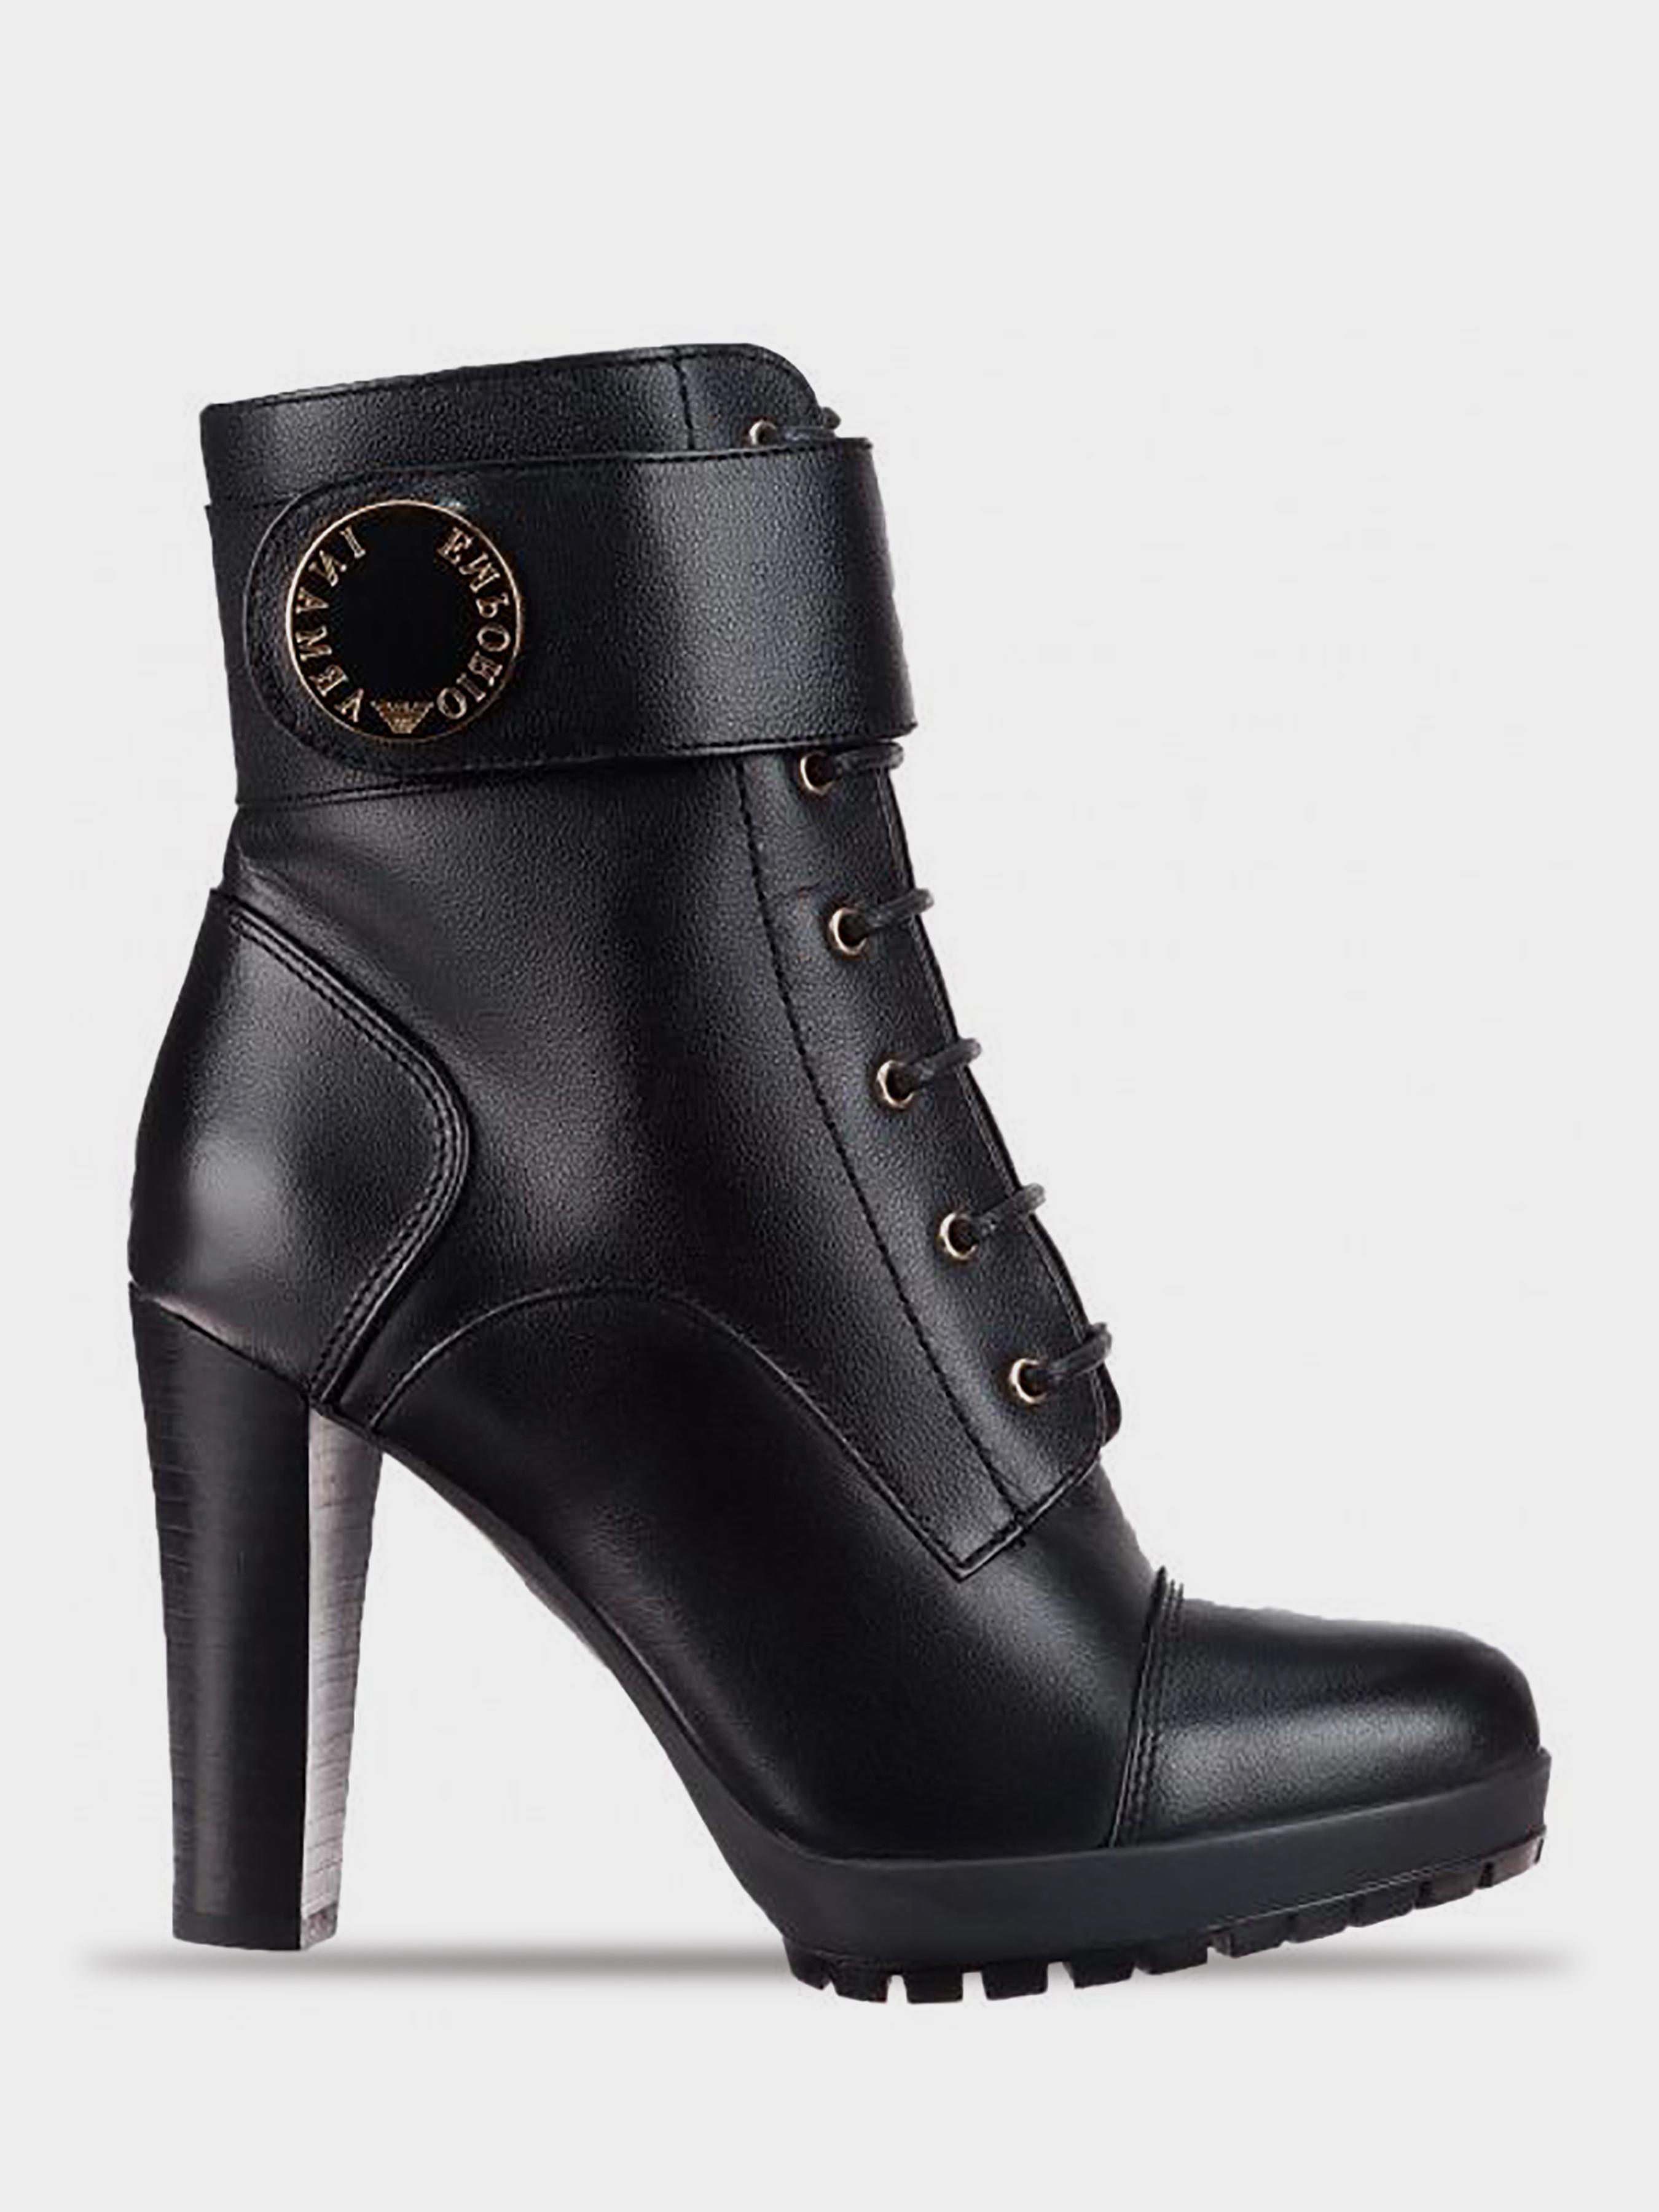 Купить Ботинки для женщин Emporio Armani WOMAN LEATHER BOOT 5R77, Черный